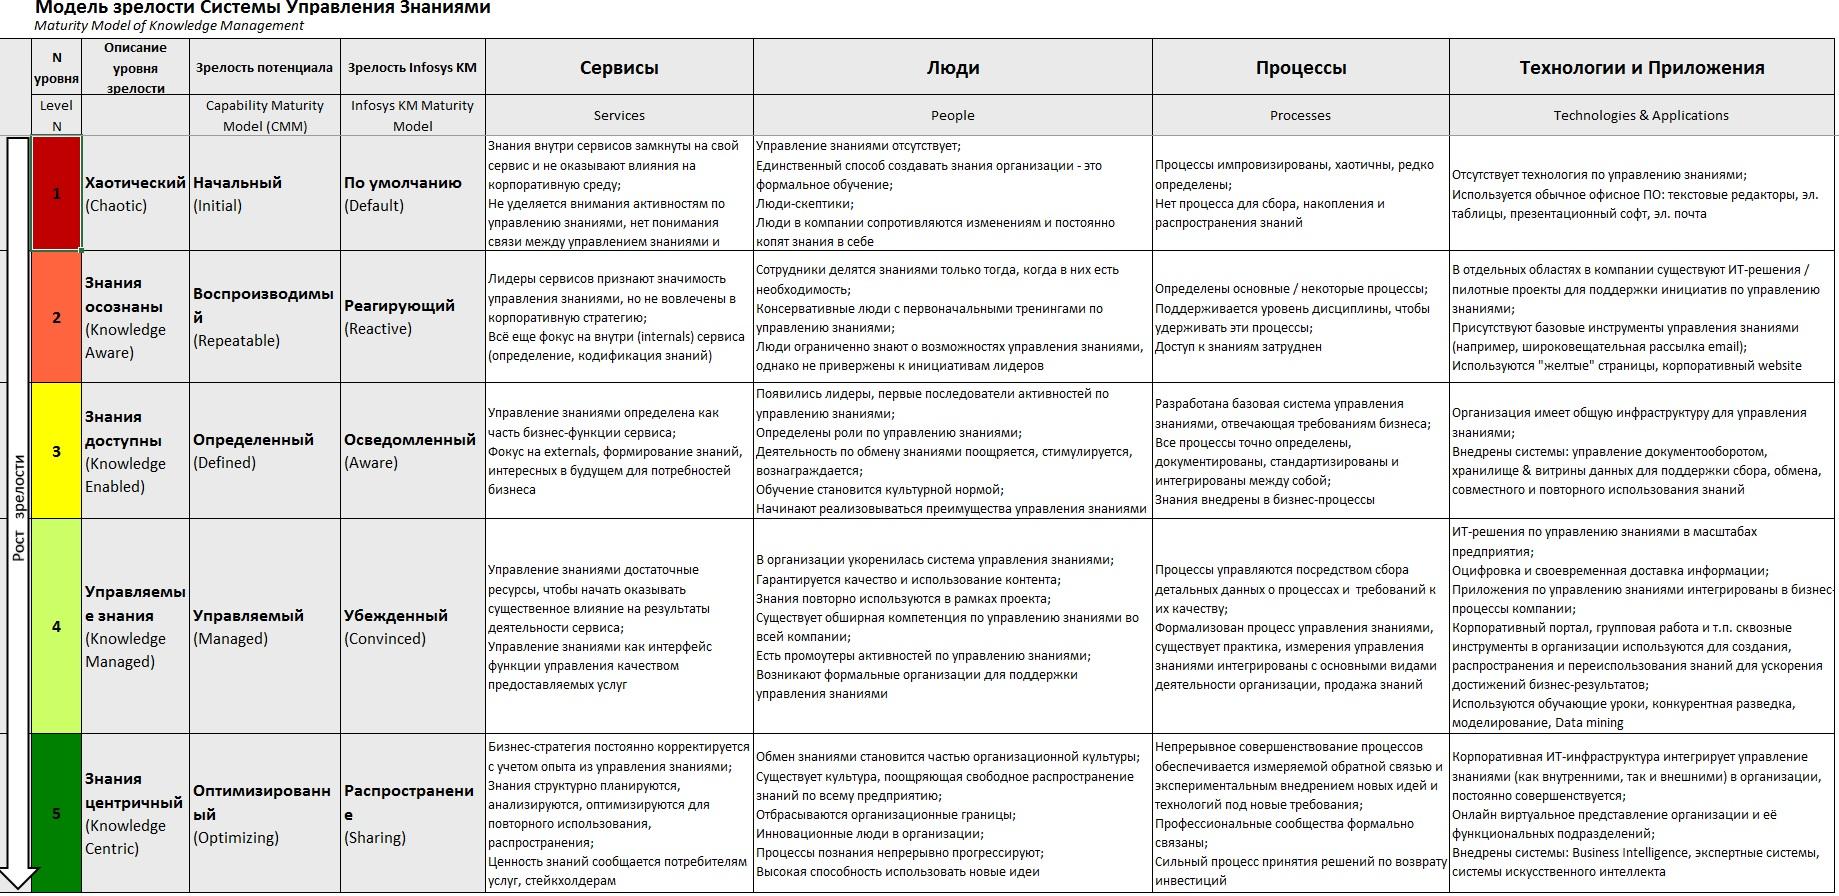 Модель зрелости Системы Управления Знаниями